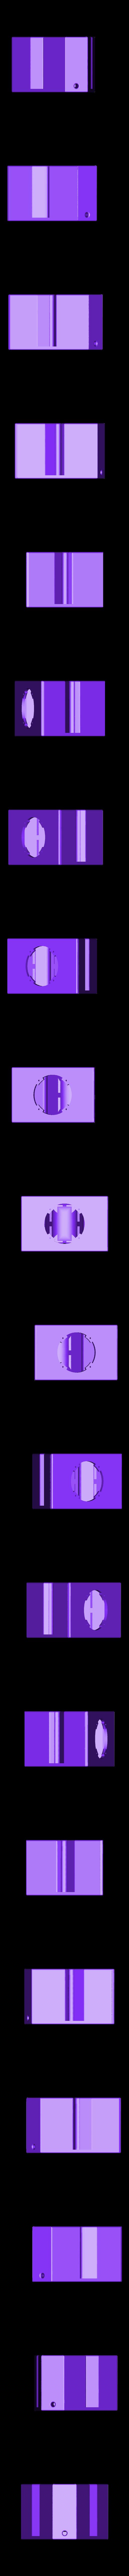 AmbTweet3C.stl Télécharger fichier STL gratuit Enceintes pour les tweeters ambiants de la BMR • Modèle pour imprimante 3D, bwaslo